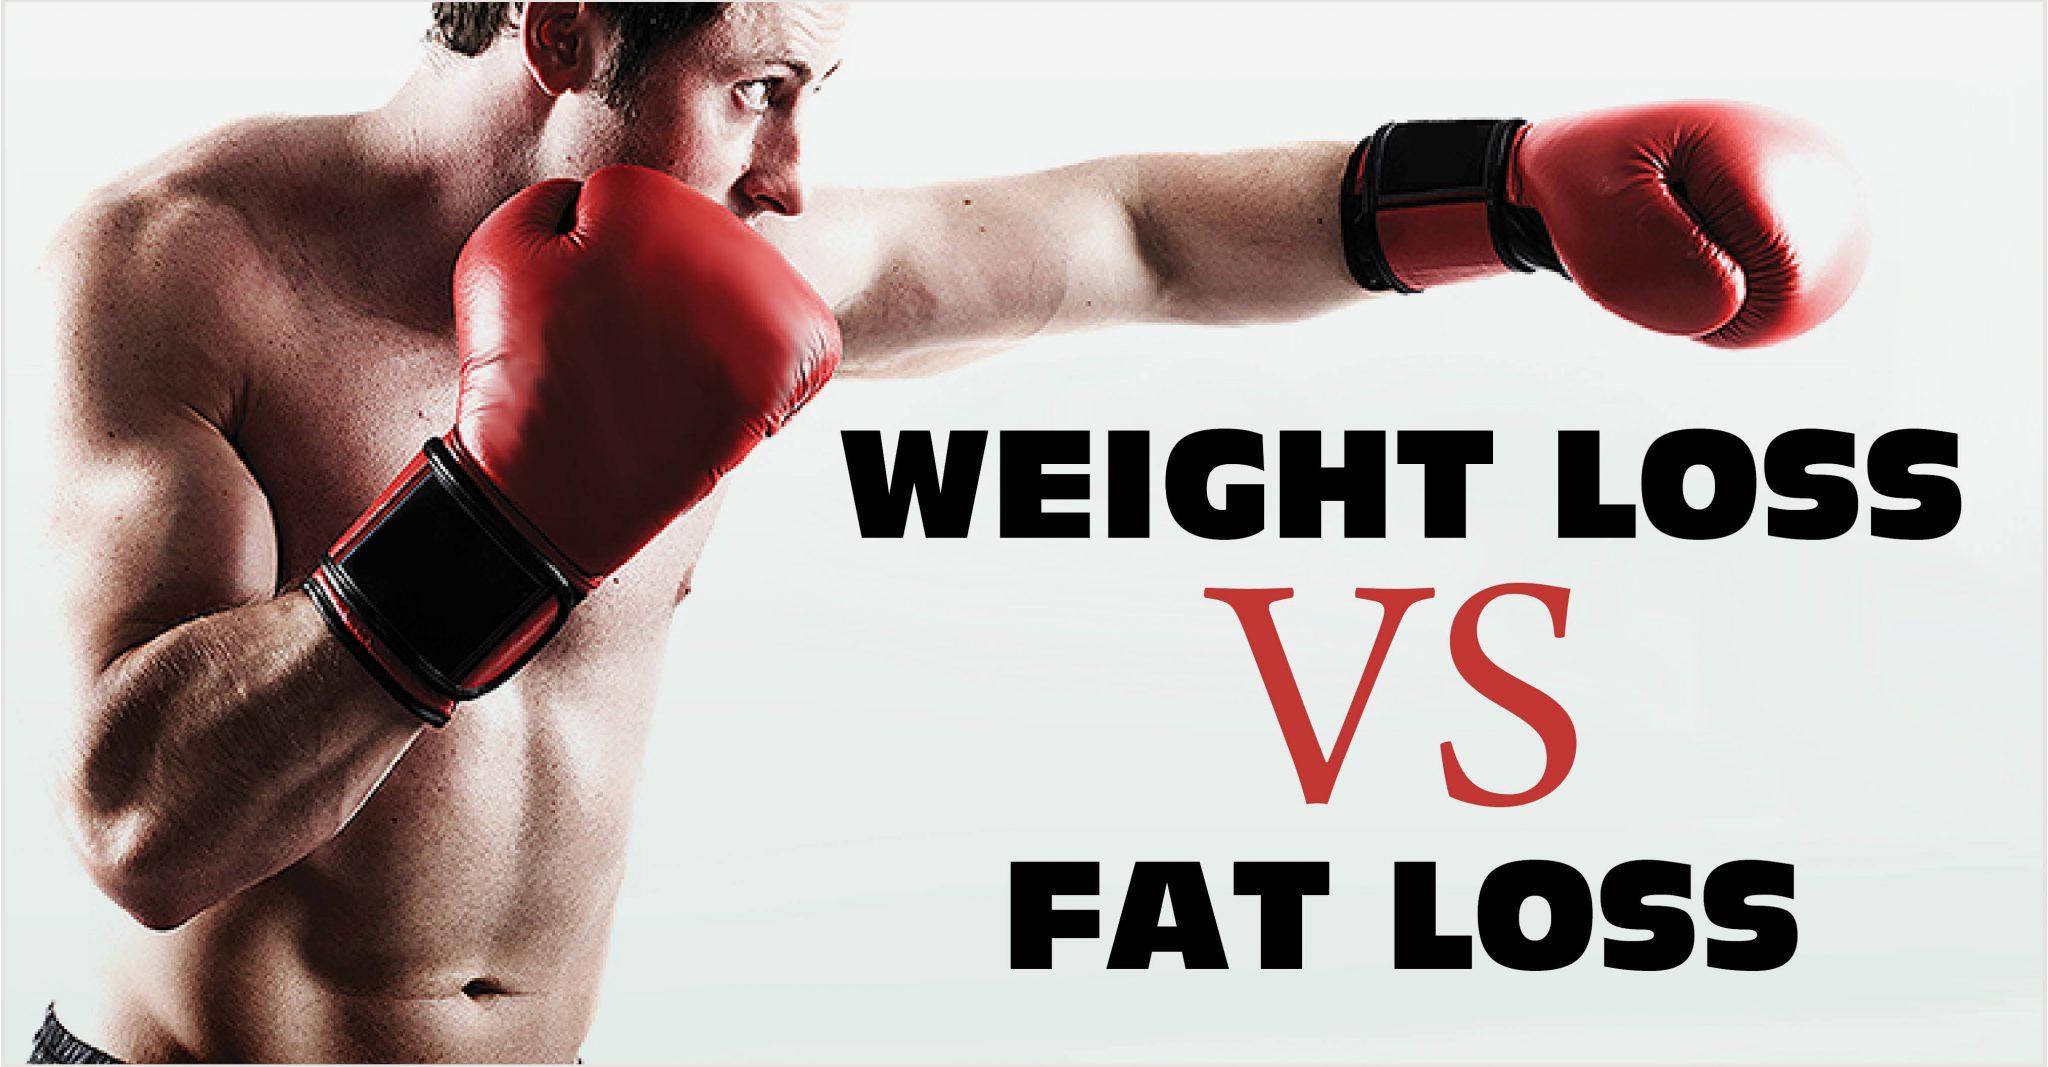 Cele mai bune momente pentru a mânca pentru a pierde în greutate